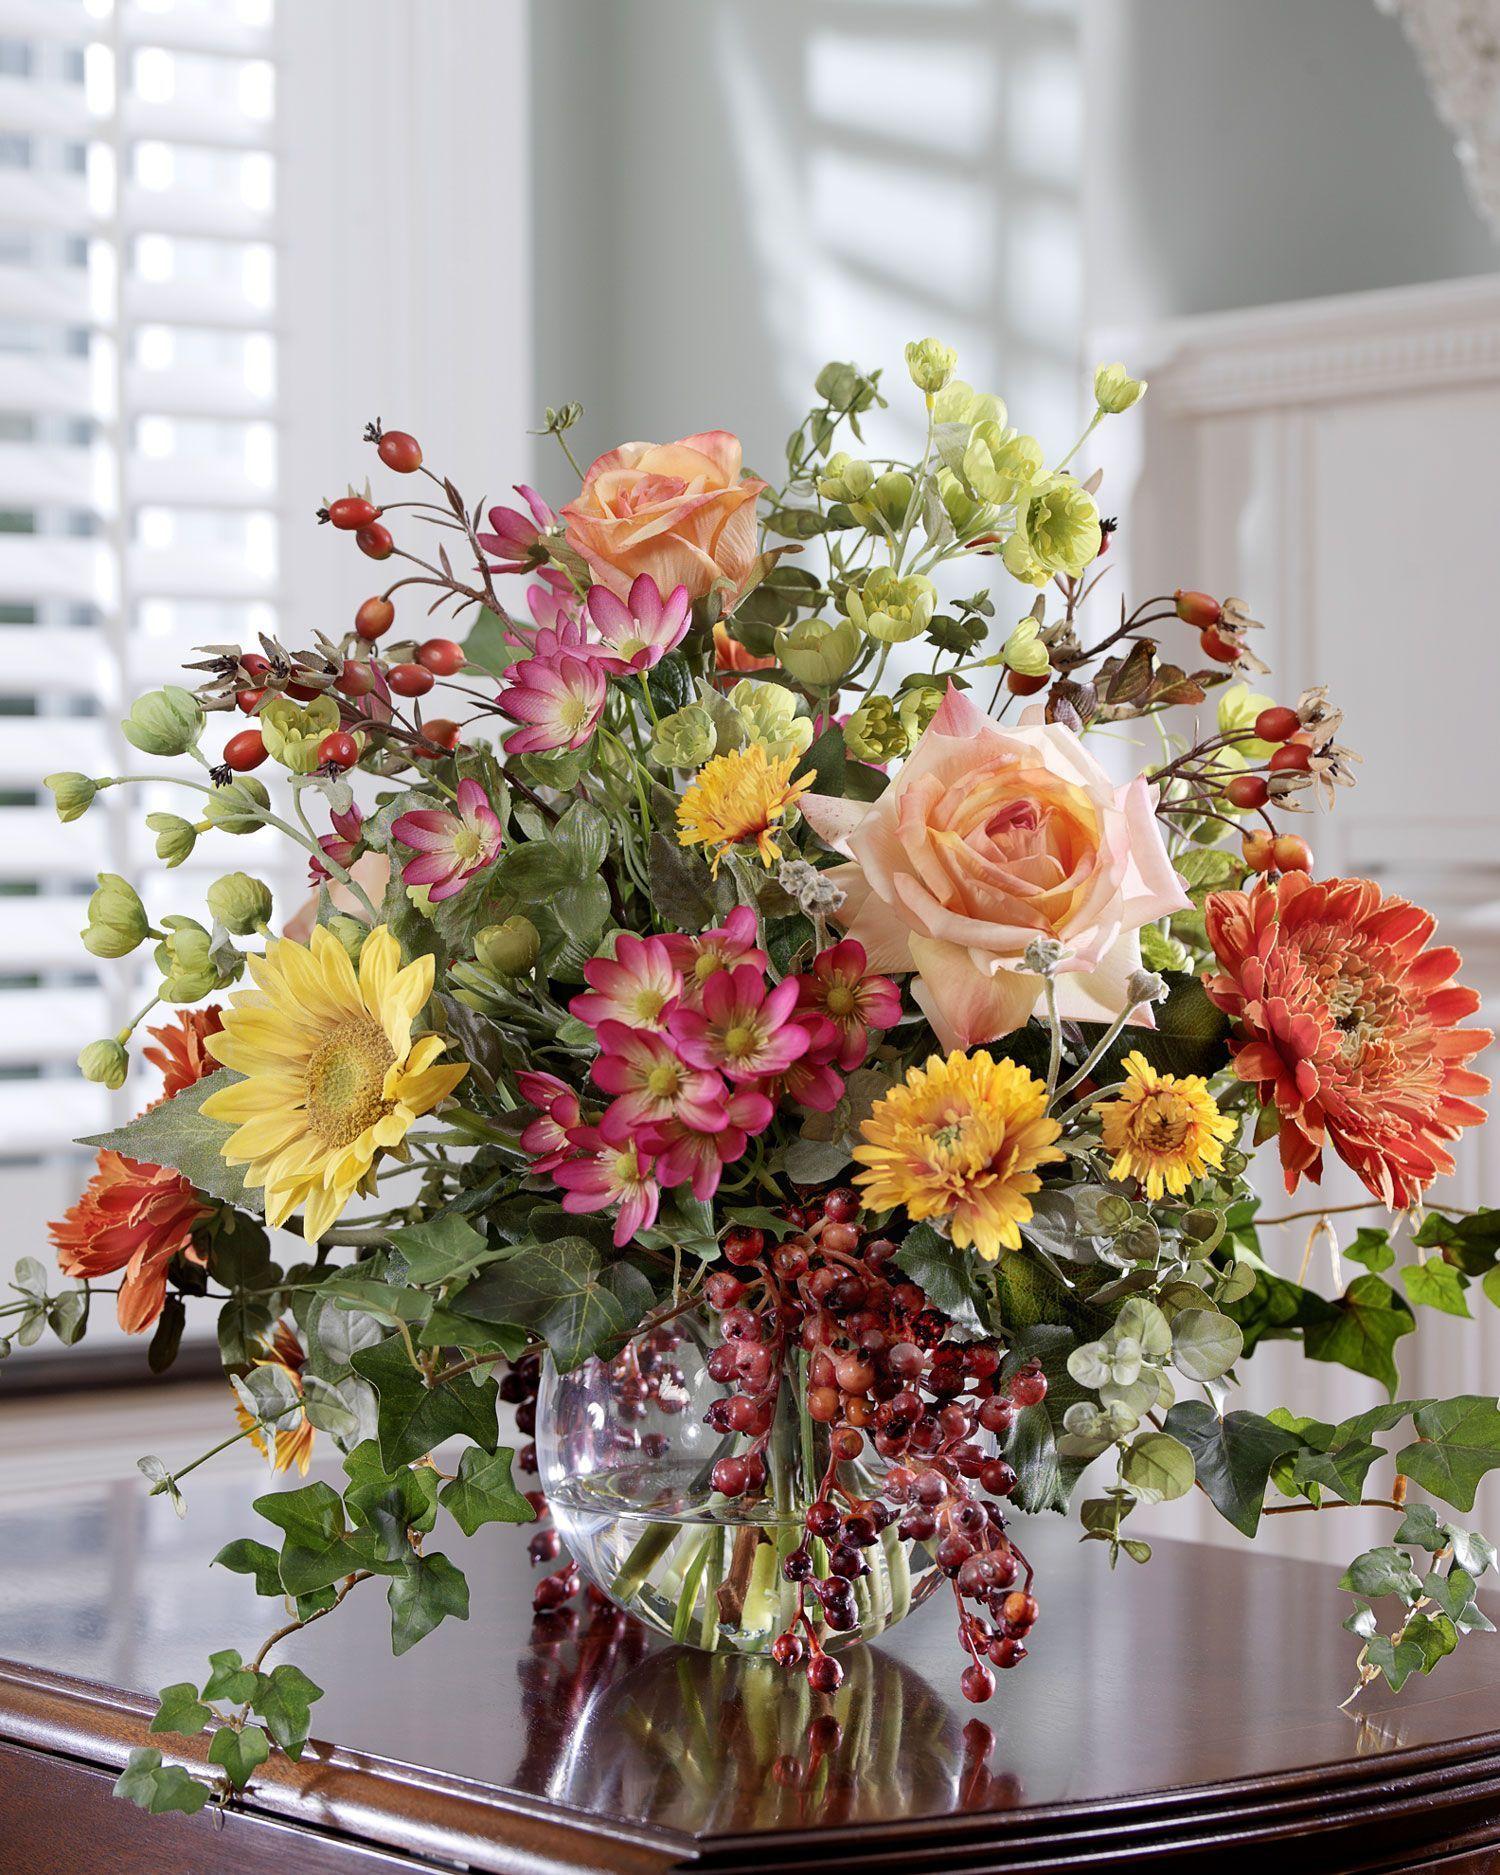 Decoration Artificial Floral Centerpieces Artificial Flower Shop Large Ar Artificial Flower Arrangements Silk Floral Centerpiece Artificial Floral Centerpieces